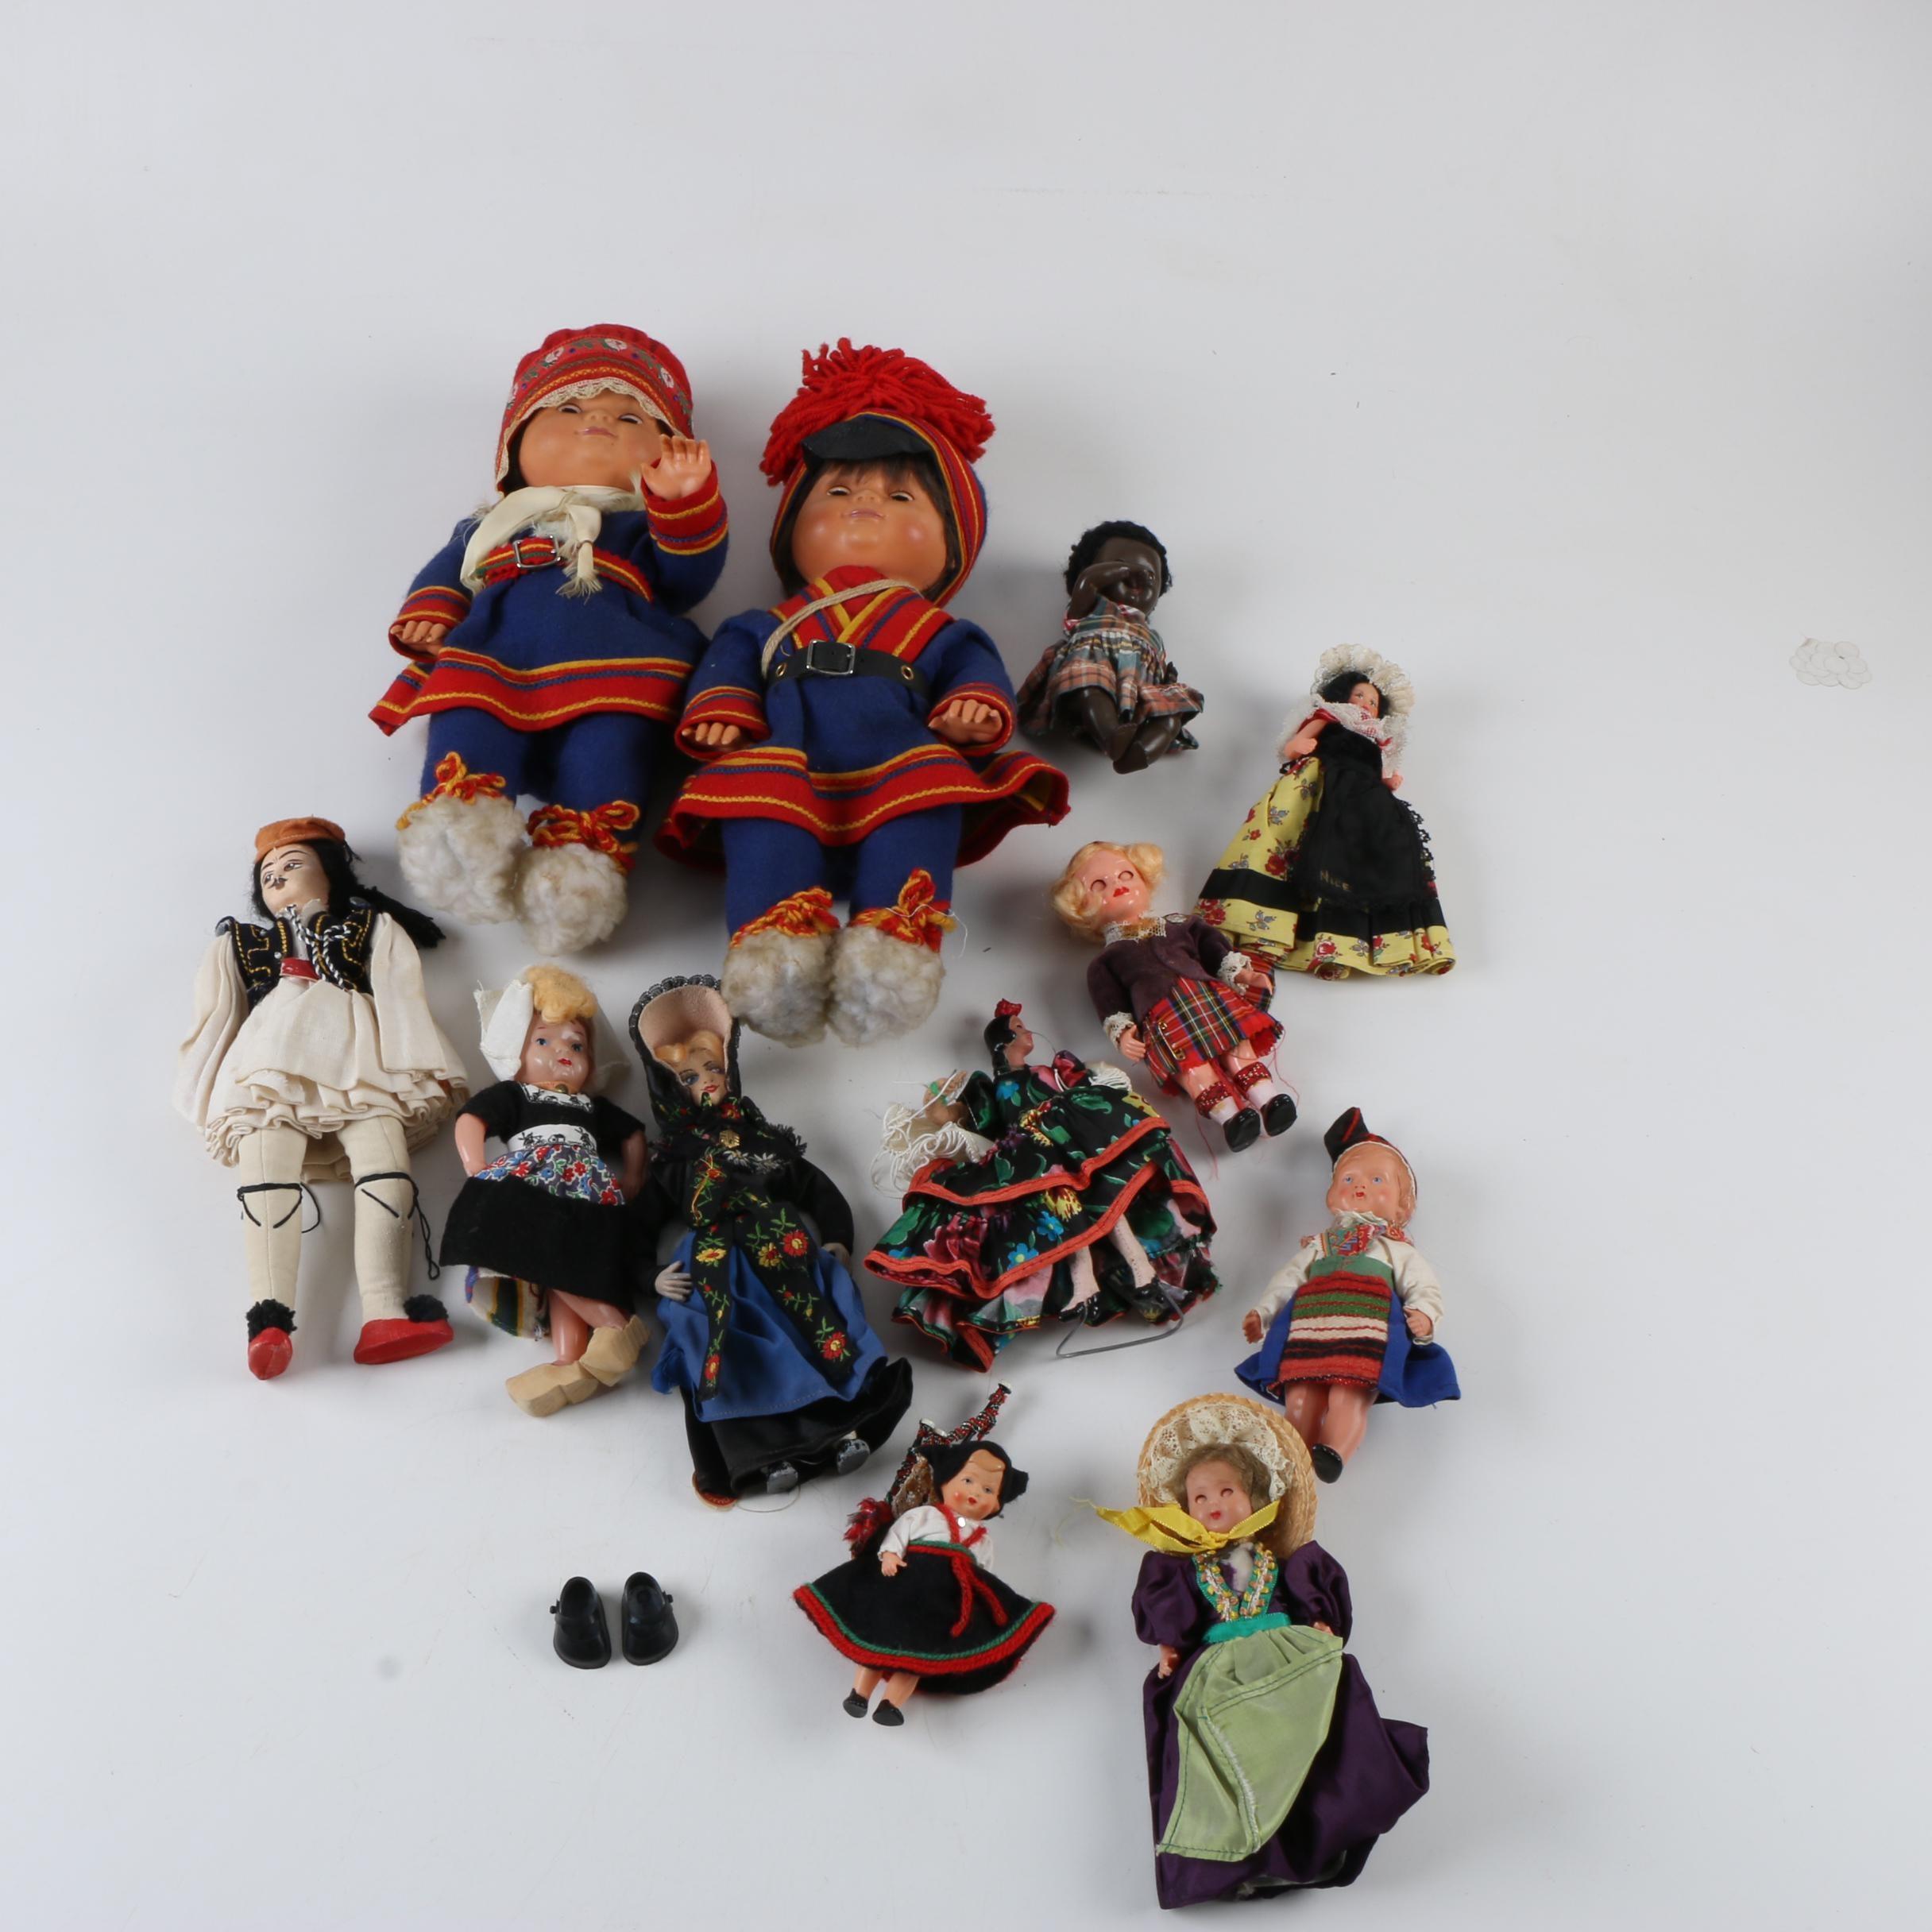 Vintage Miniature Celluloid and Cloth Souvenir Dolls